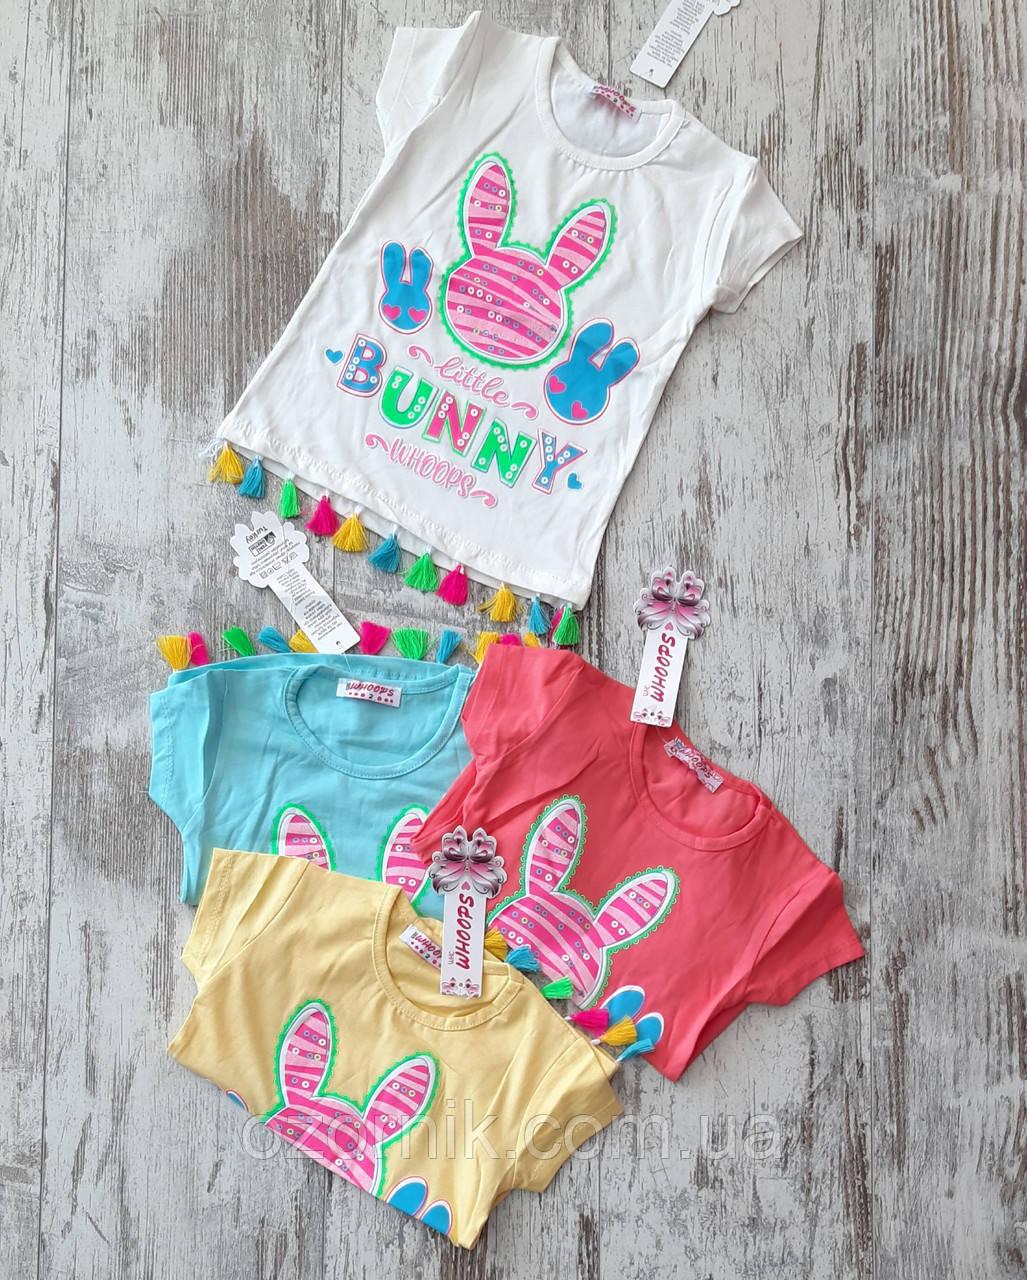 красива дитяча футболка дівчинка